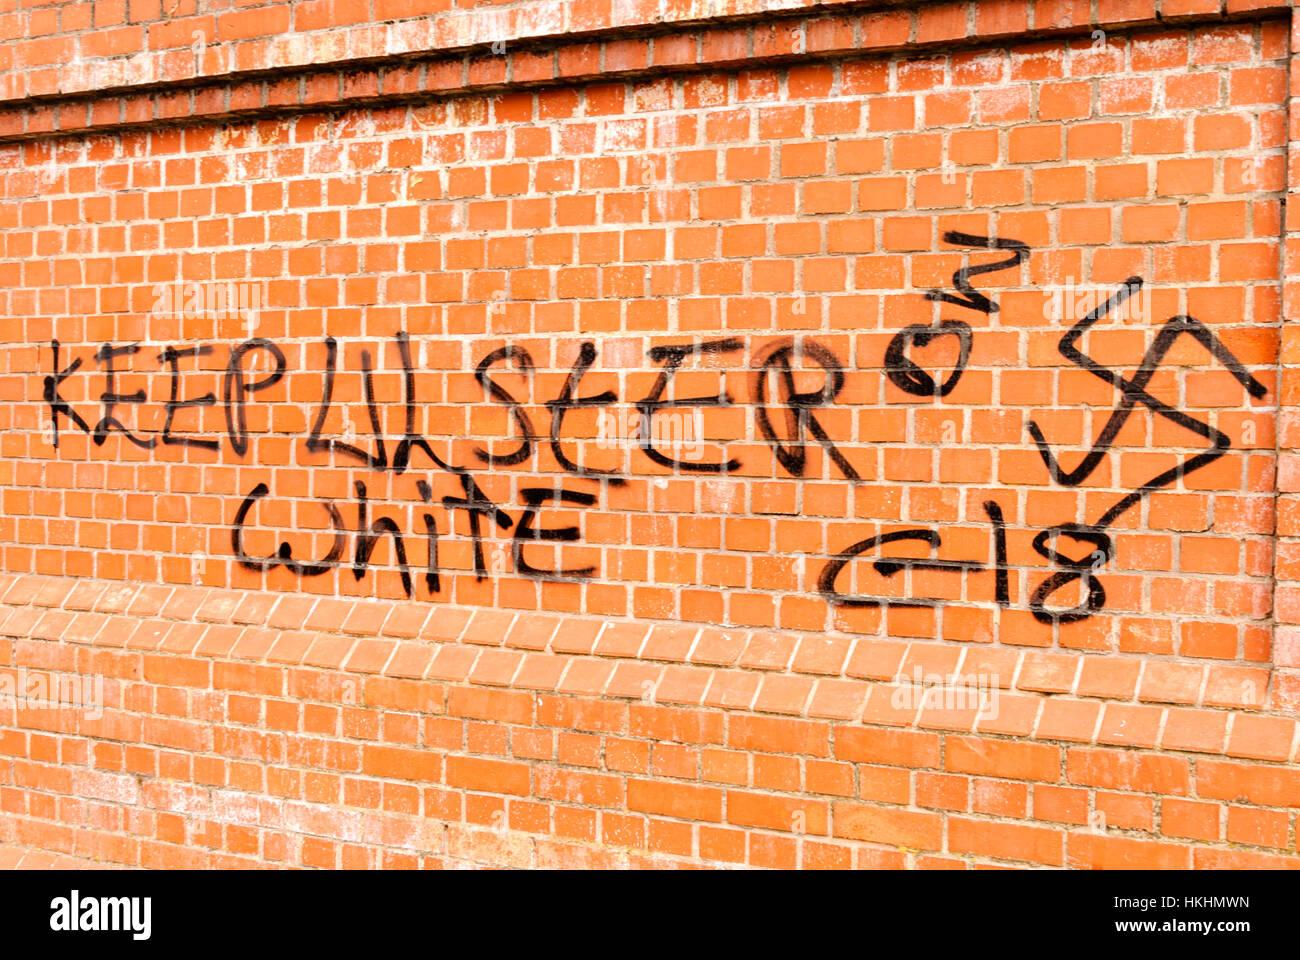 Graffiti on a brick wall saying 'Keep Ulster White, C18' (Combat 18_ with a Nazi swastika - Stock Image